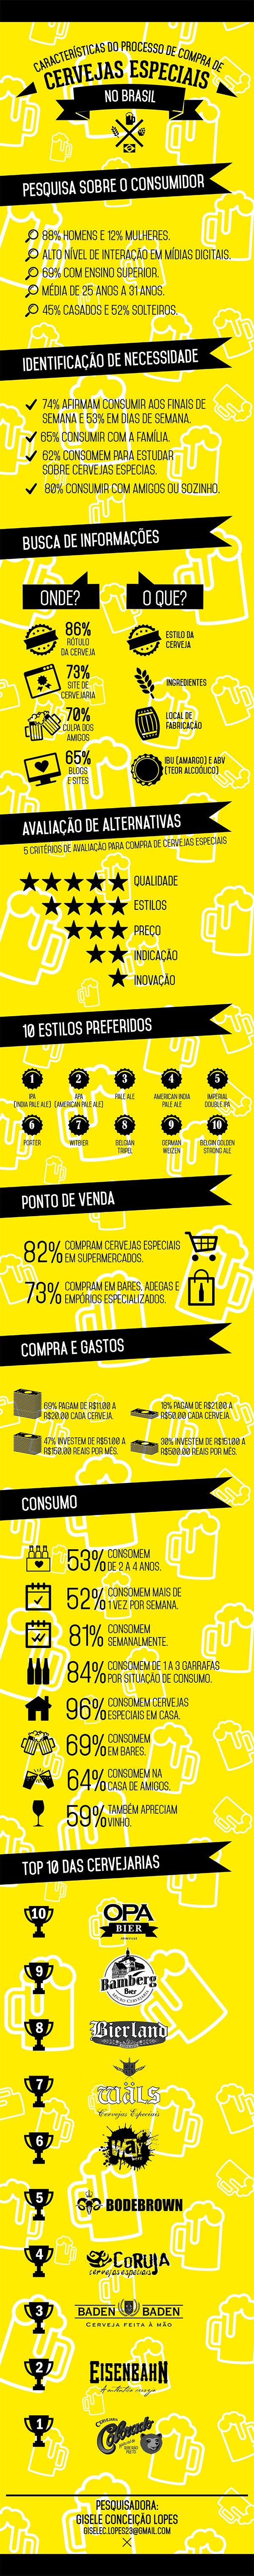 compra de cervejas especiais no Brasil